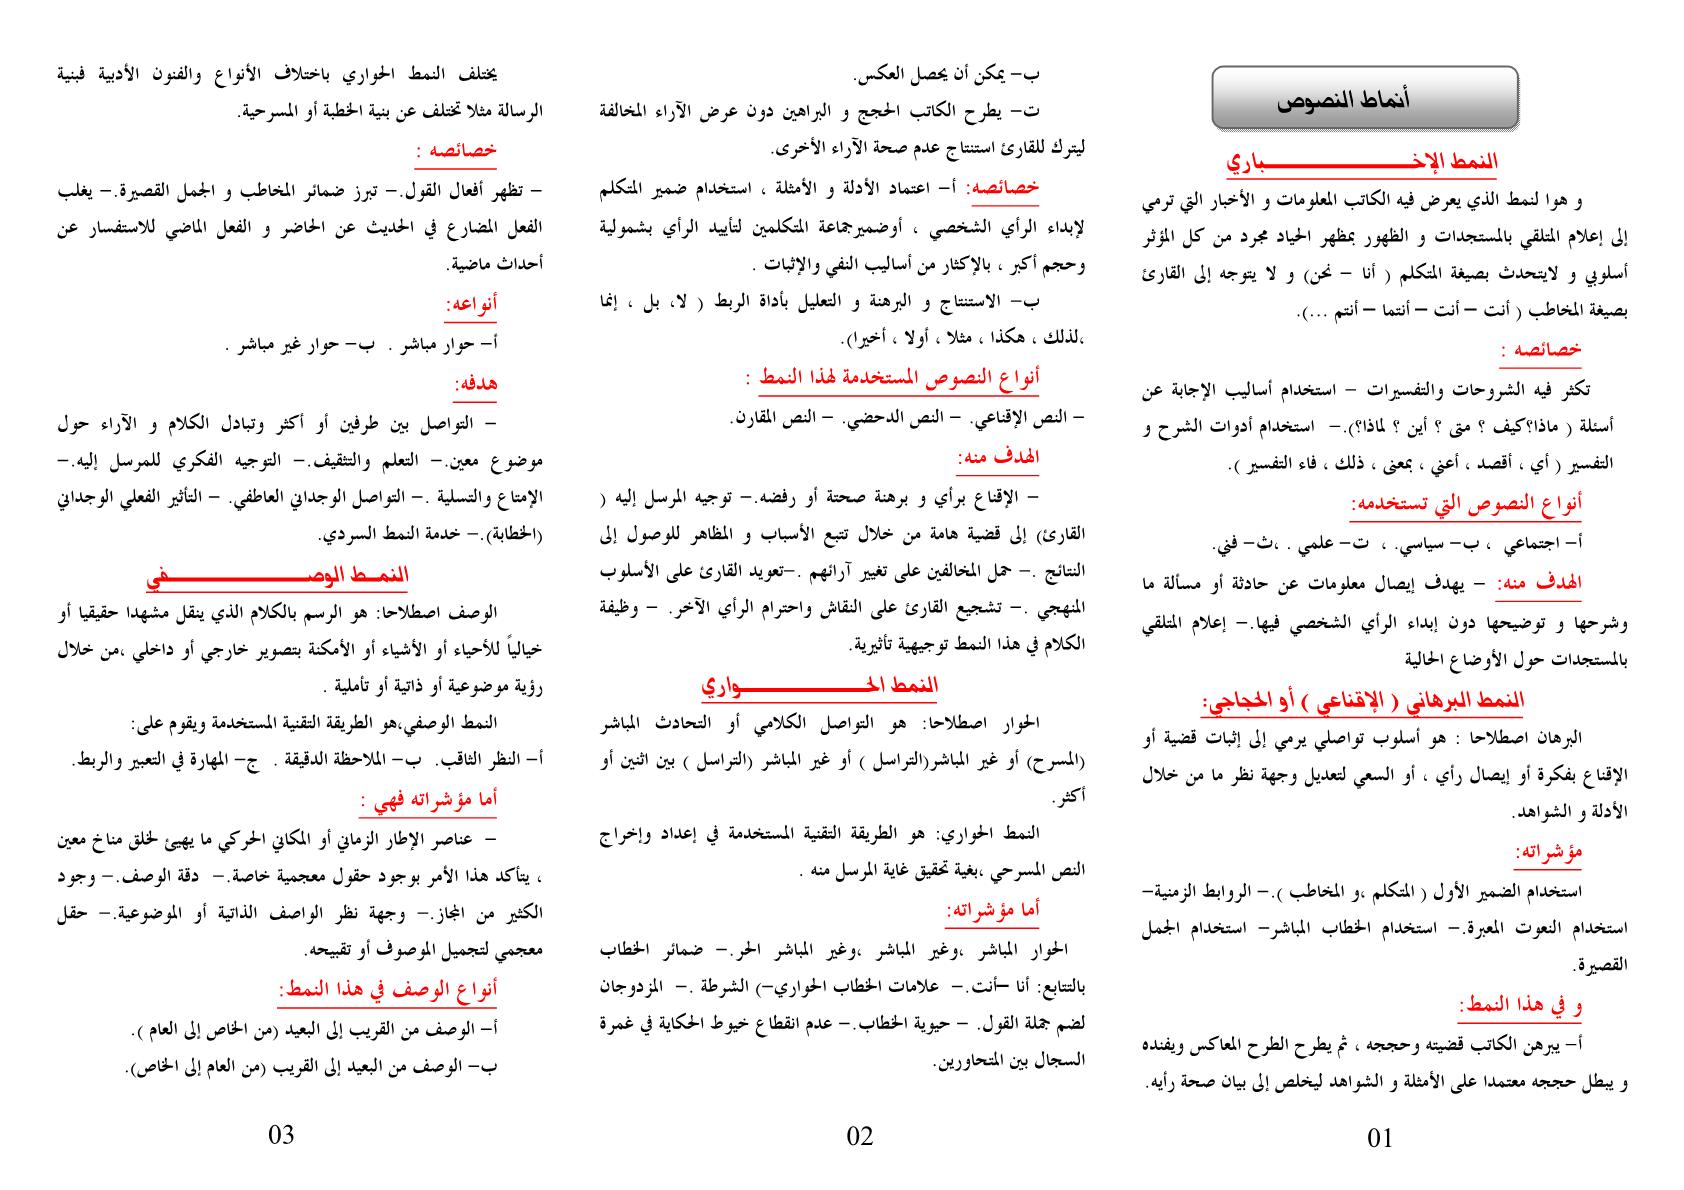 درس أنماط النصوص العربية جدع مشترك اداب وعلوم انسانية